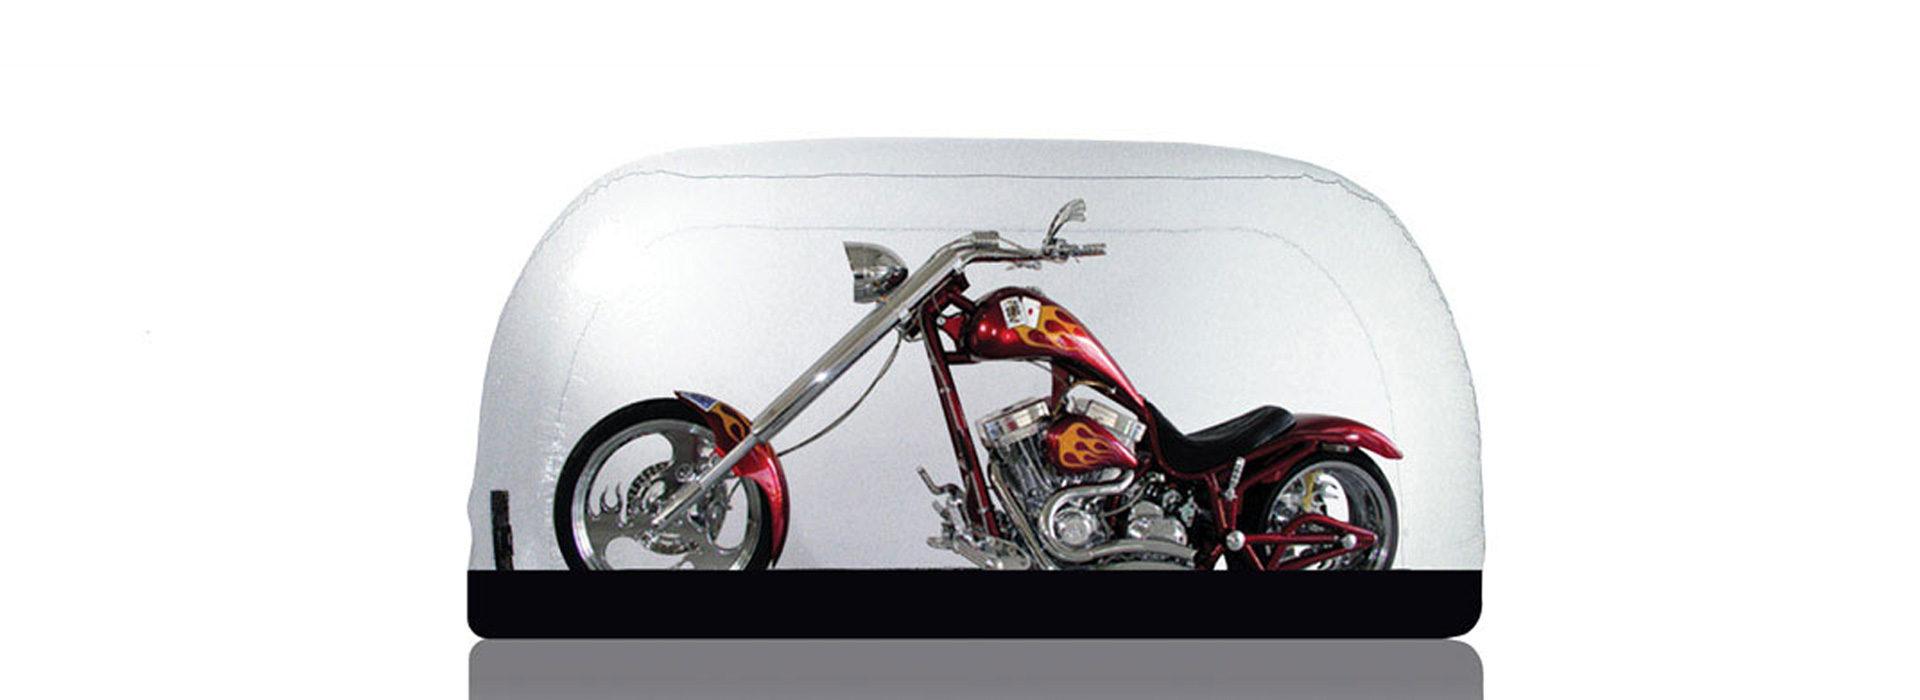 Bike-Capsule